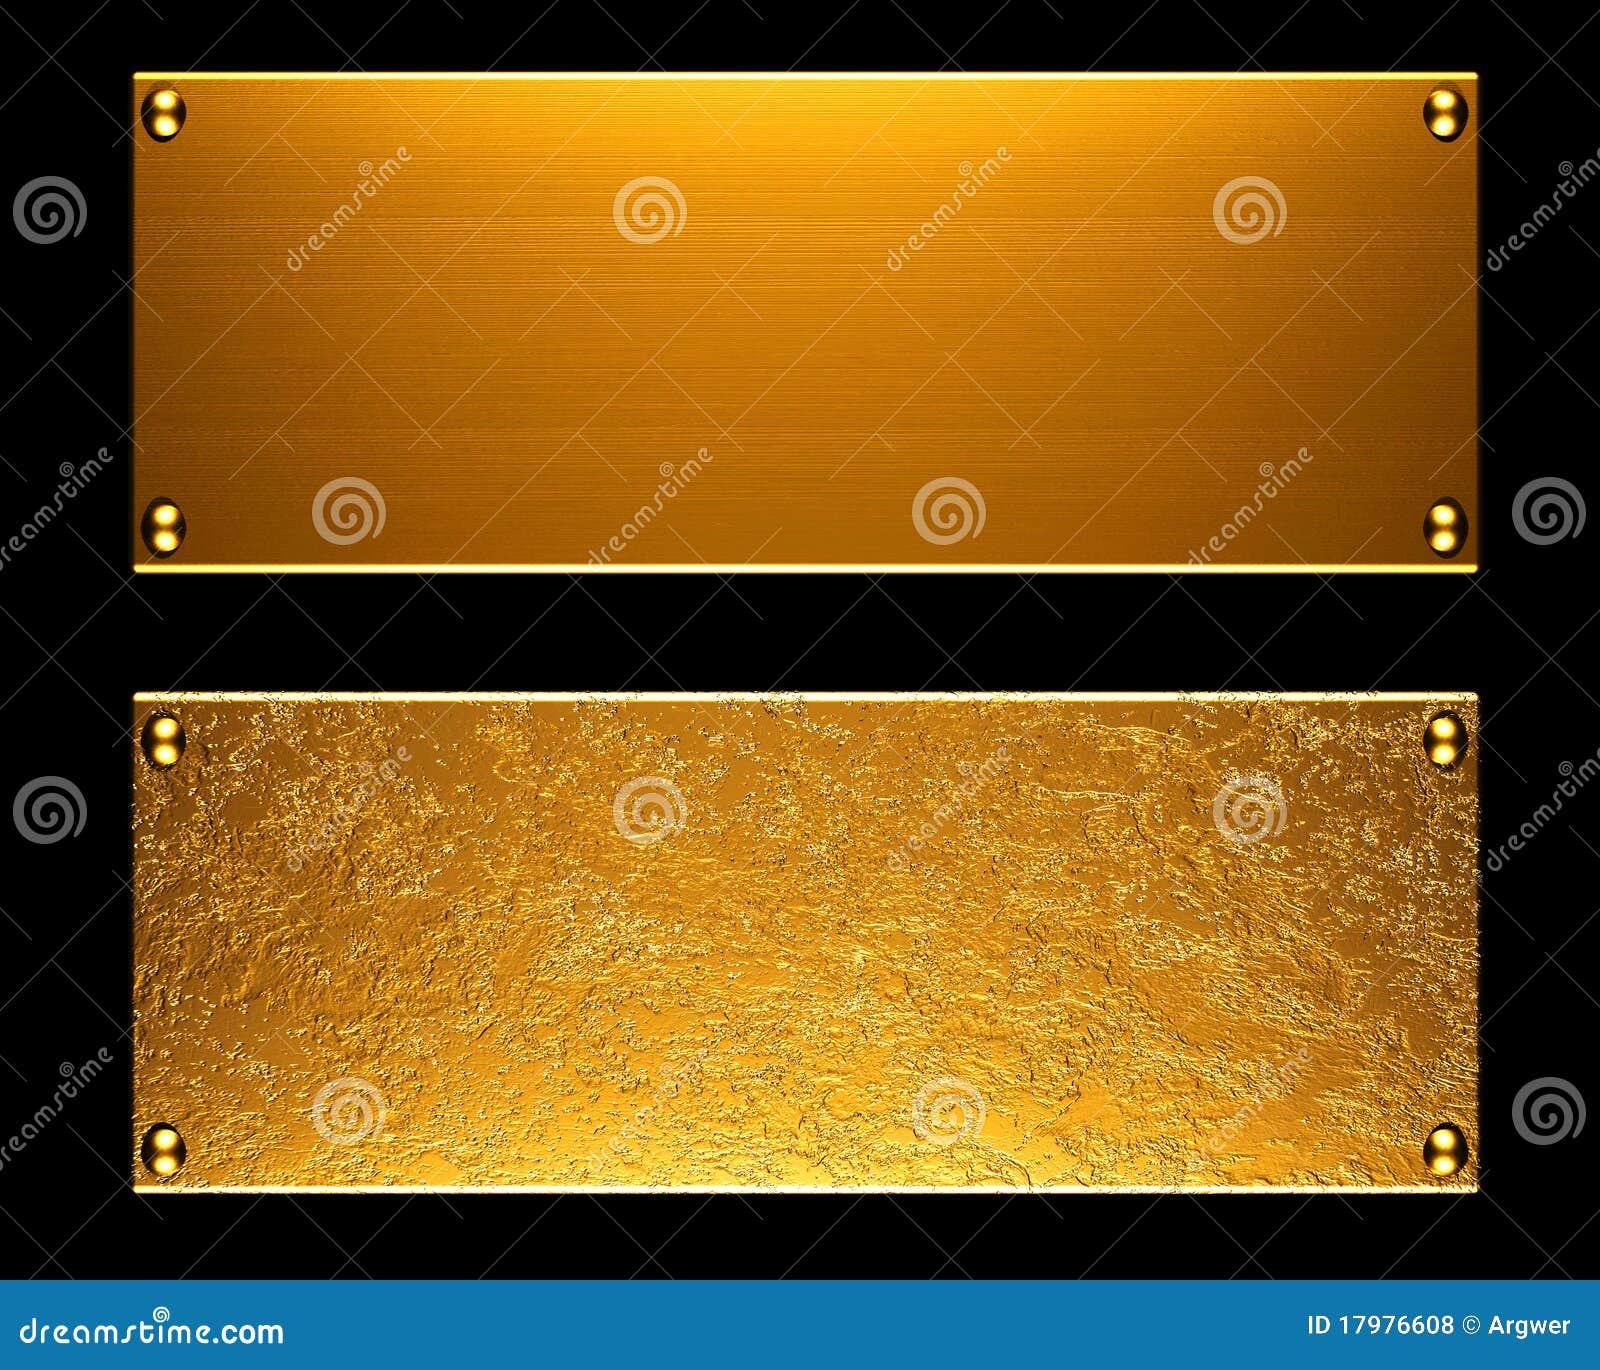 金属片背景的金子